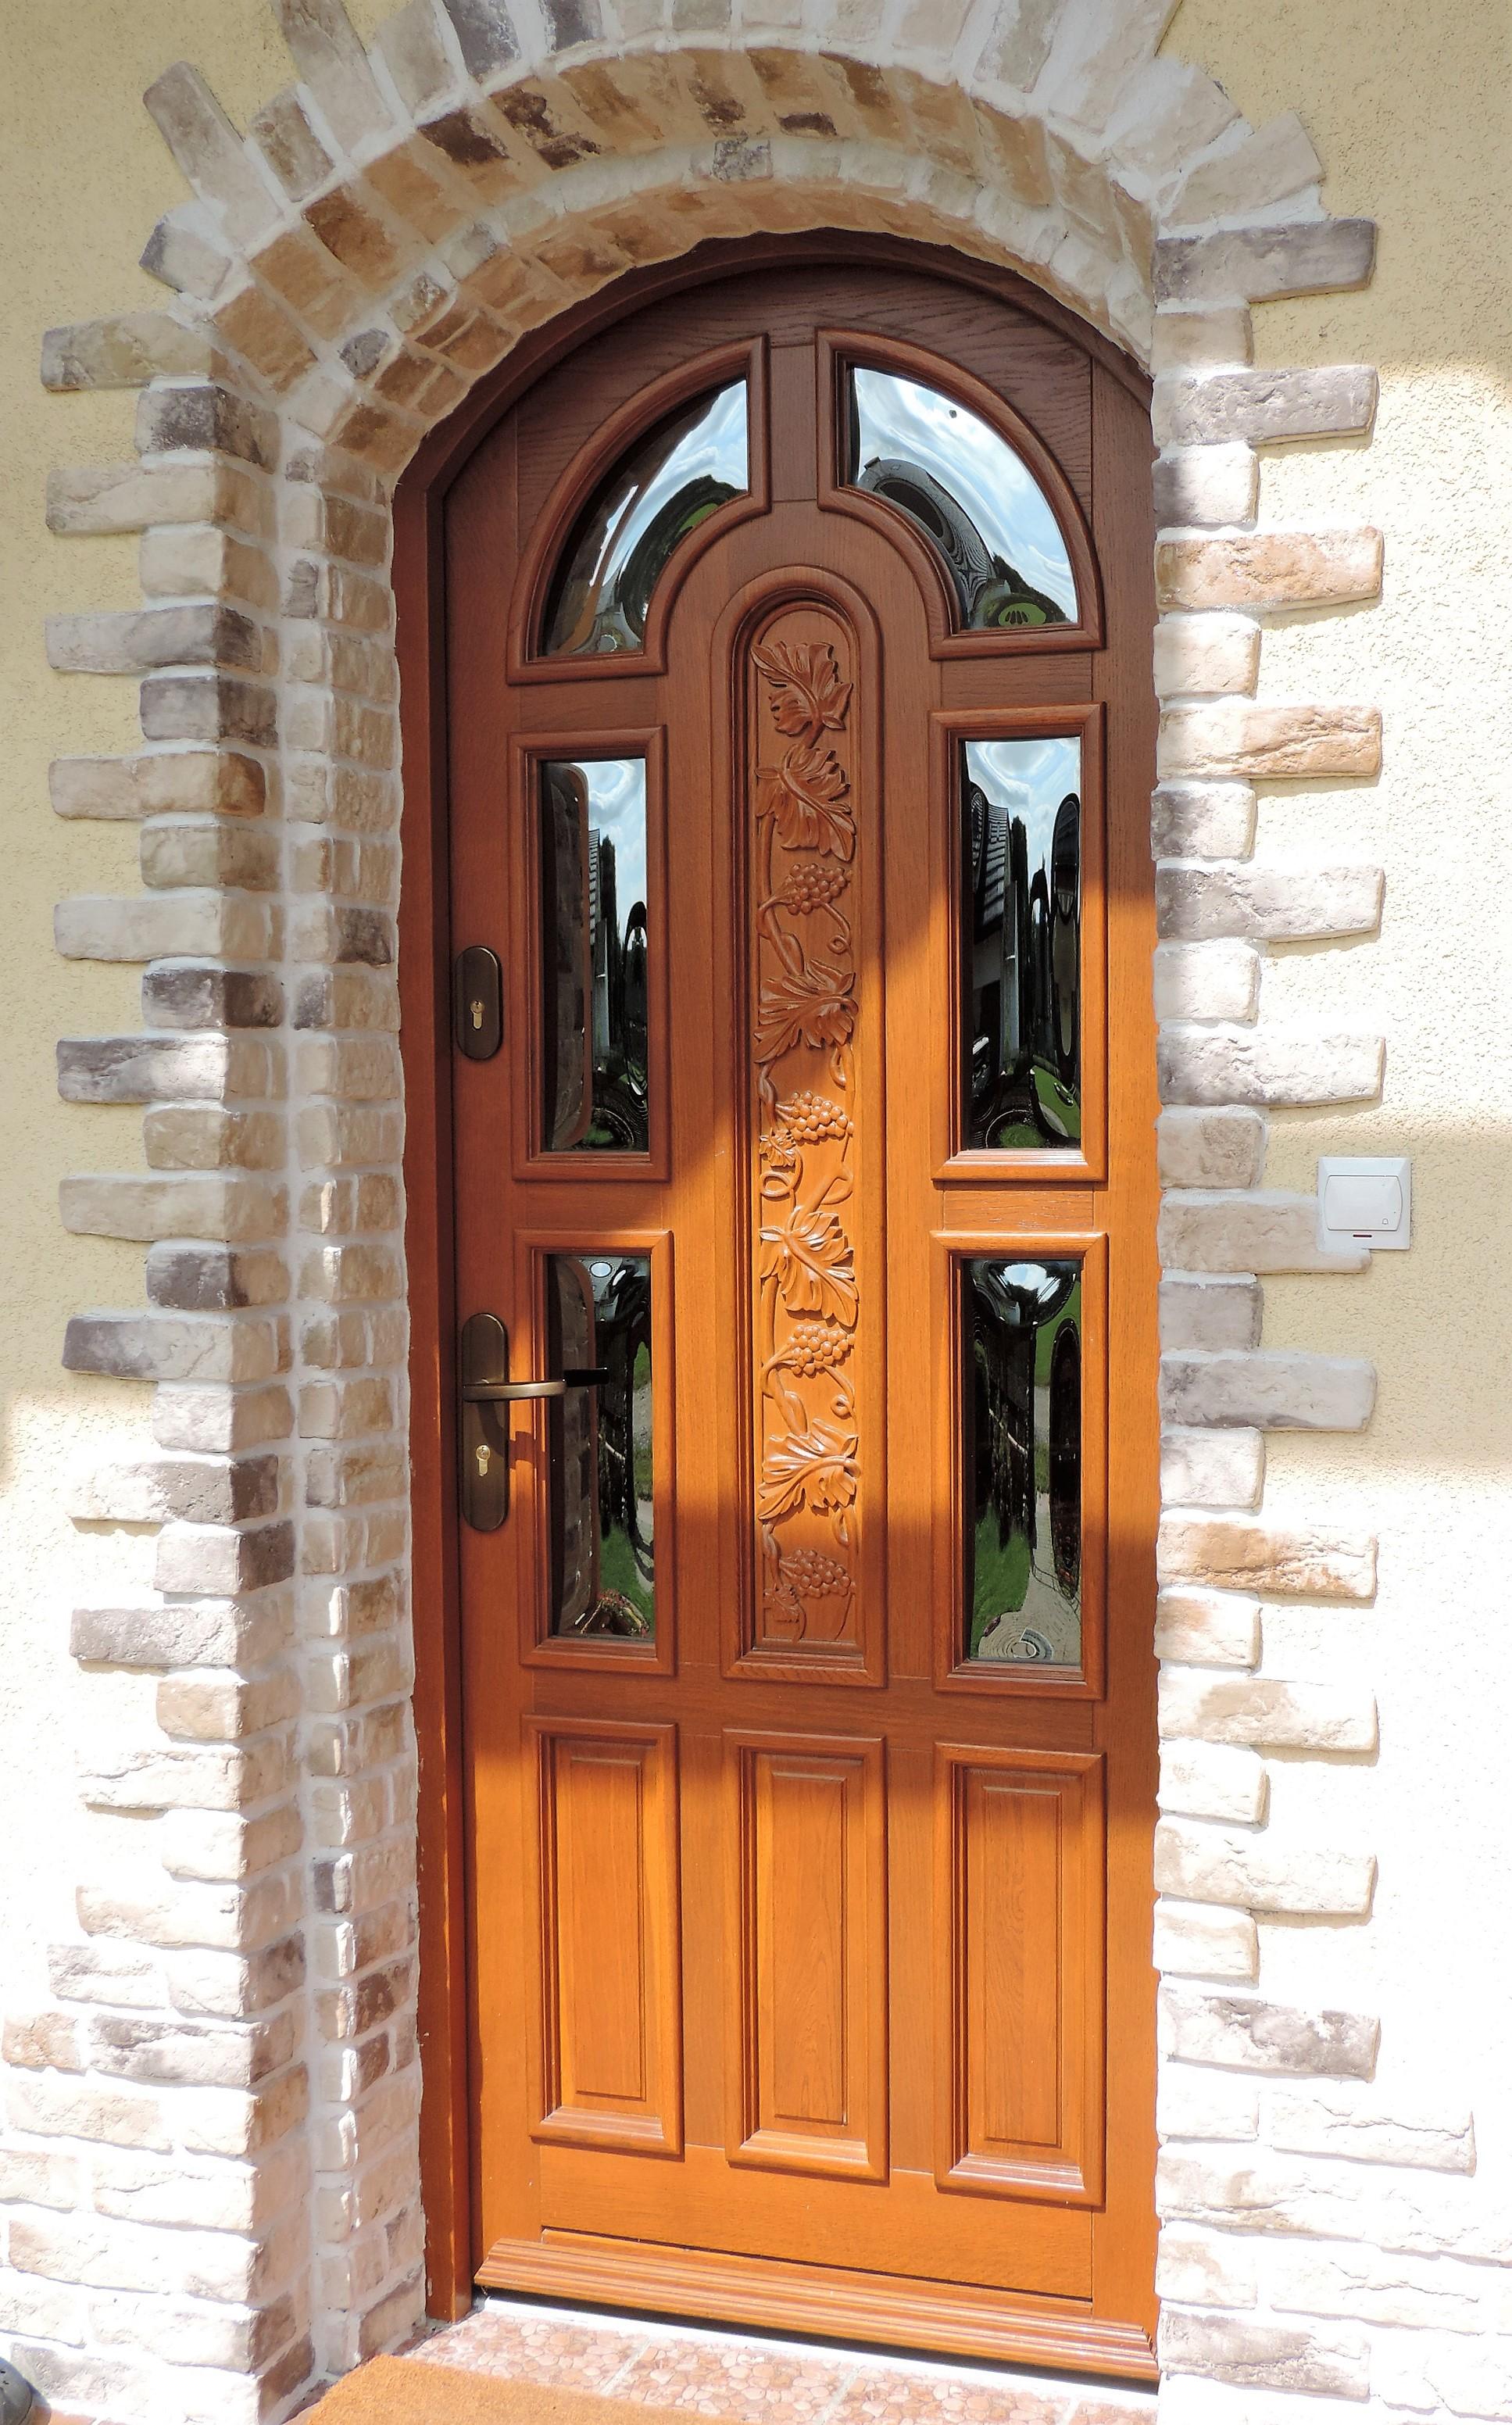 drzwi łukowe, z drewna dębowego w kolorze złoty dąb, szyba reflex, szyldy i klamka w kolorze starego złota